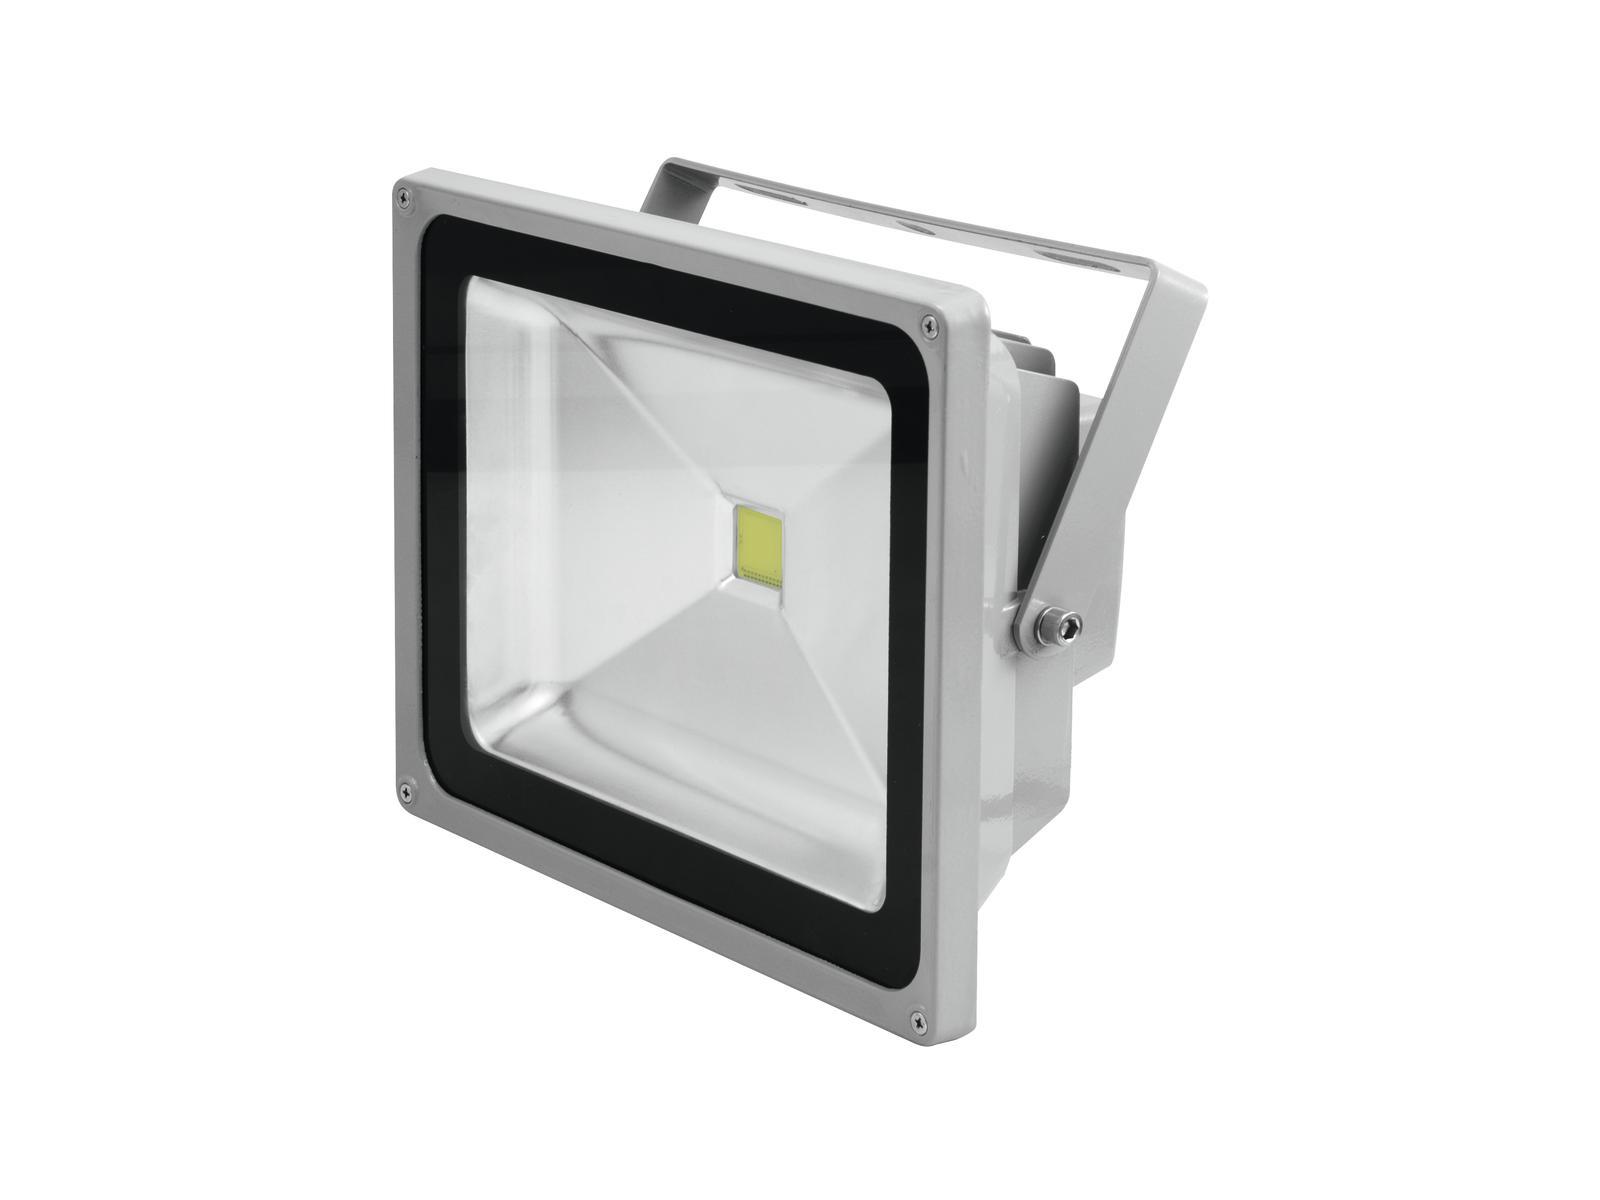 eurolite-led-ip-fl-50-cob-3000k-120a-classic